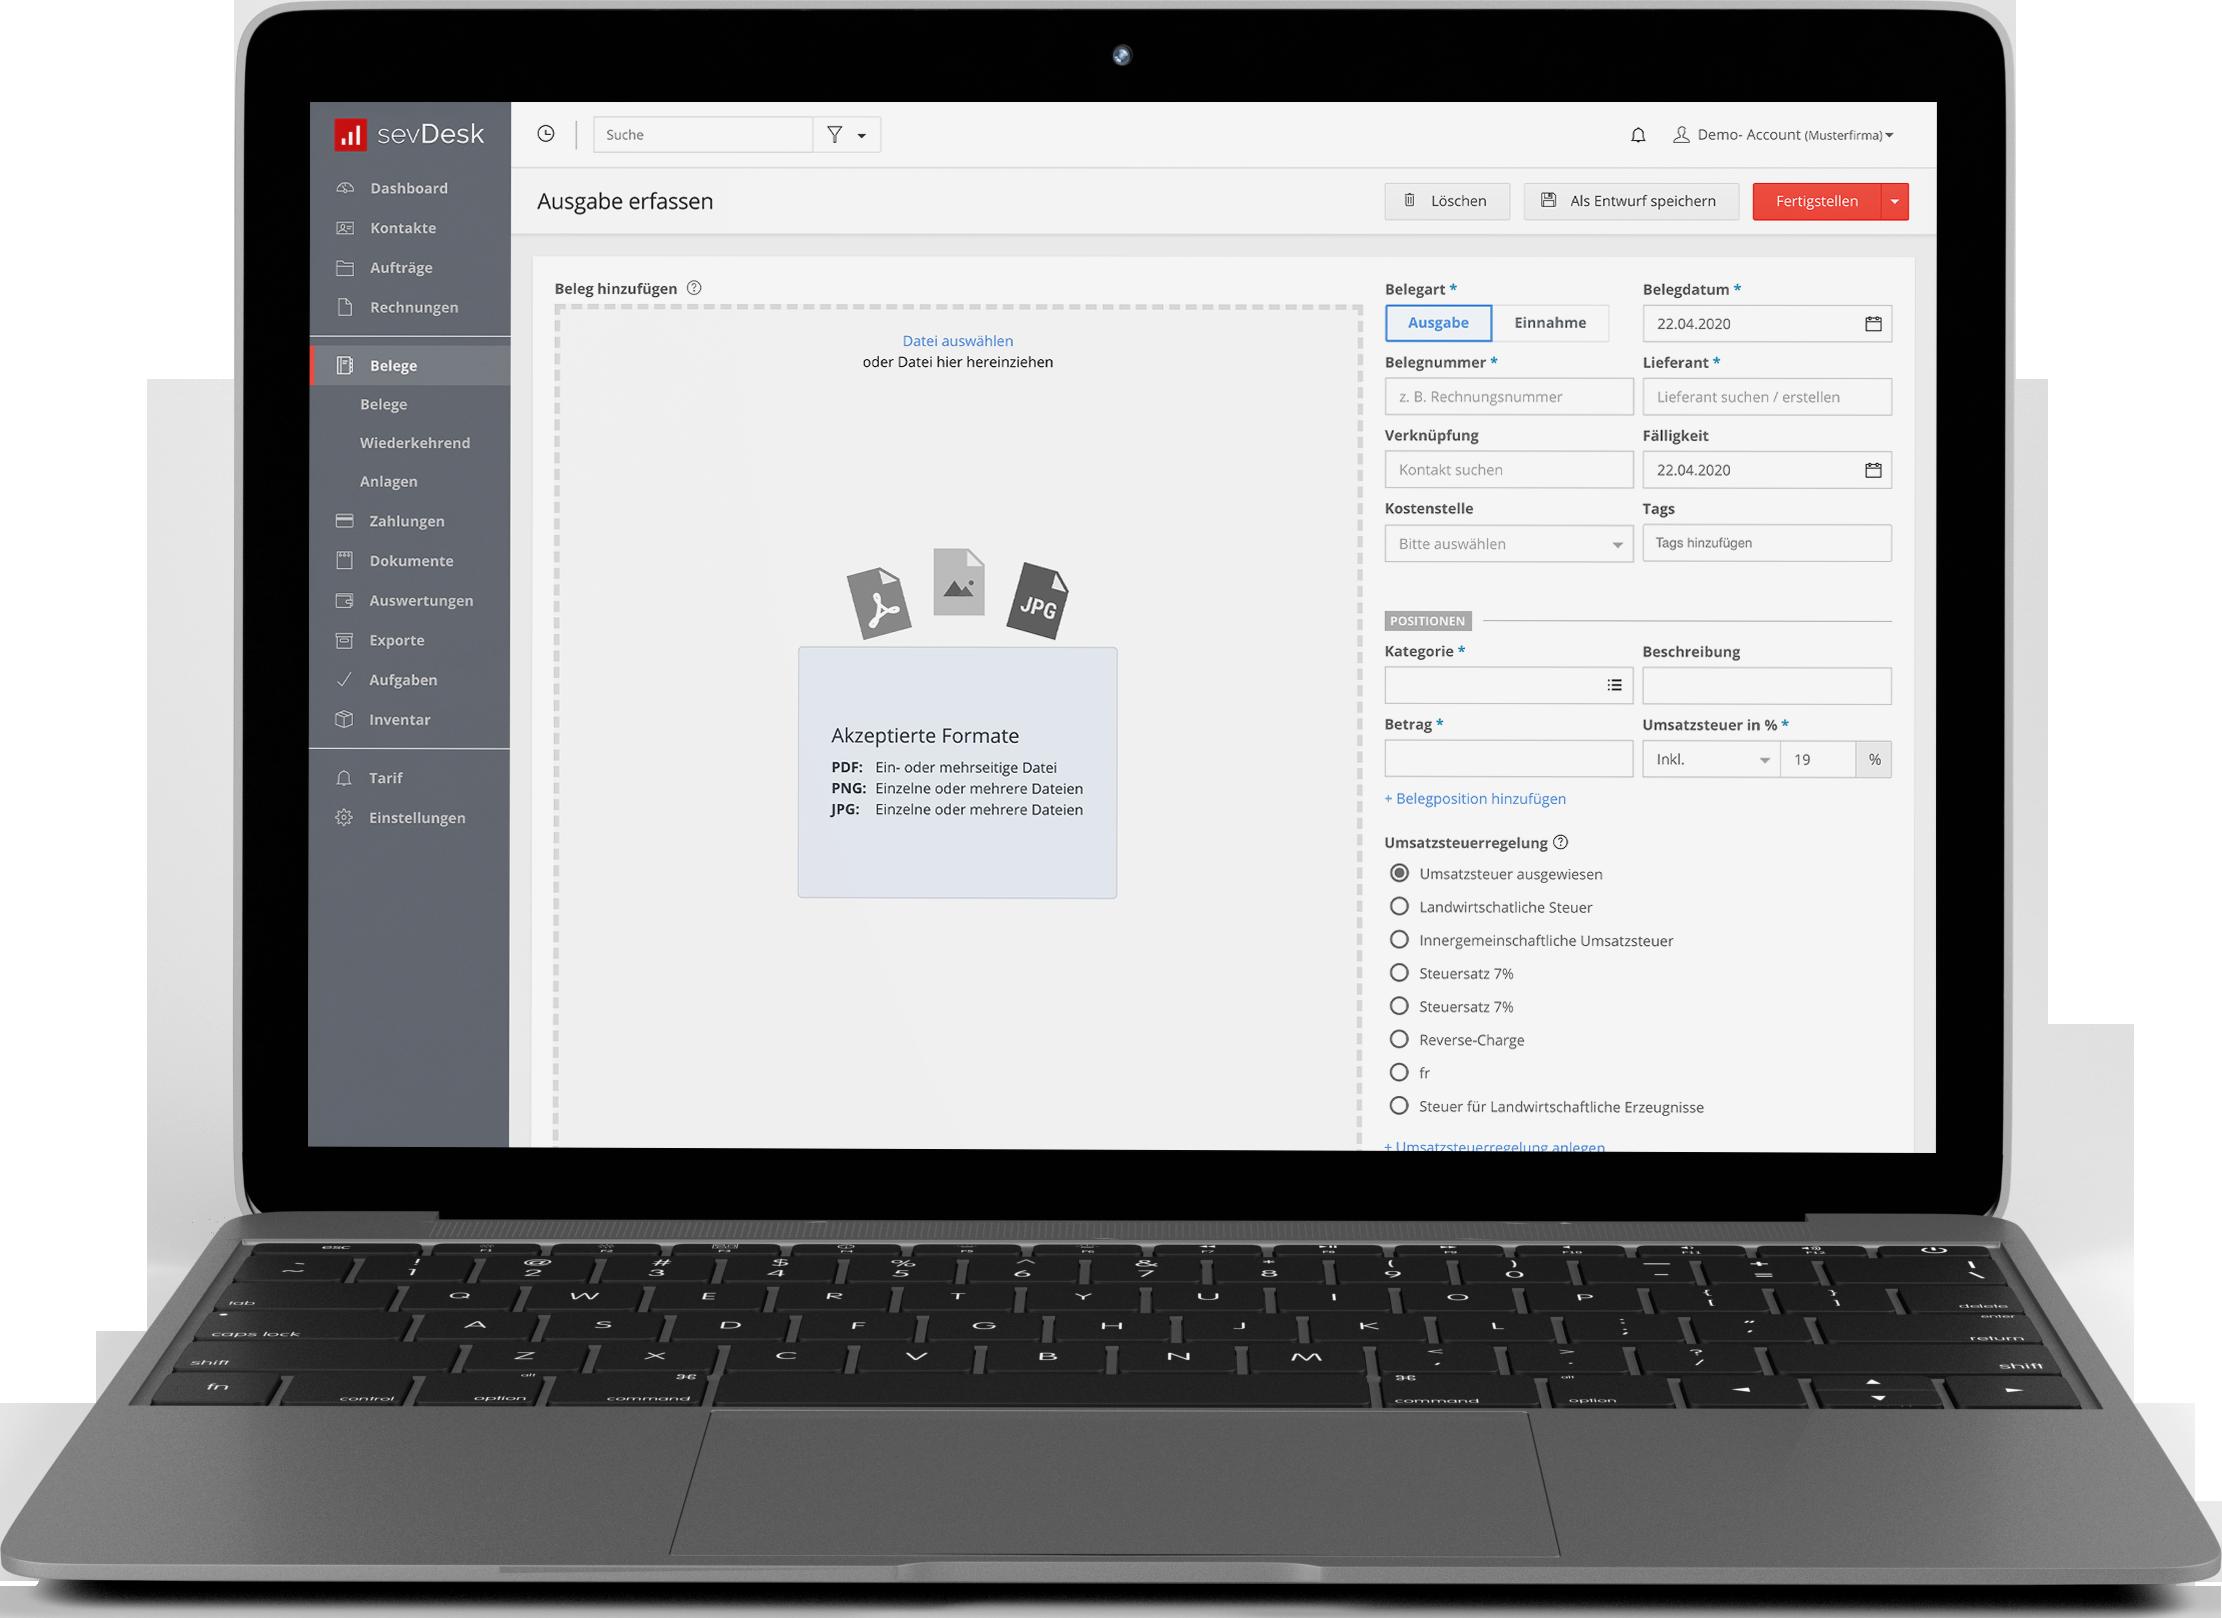 Belege erfassen Macbook